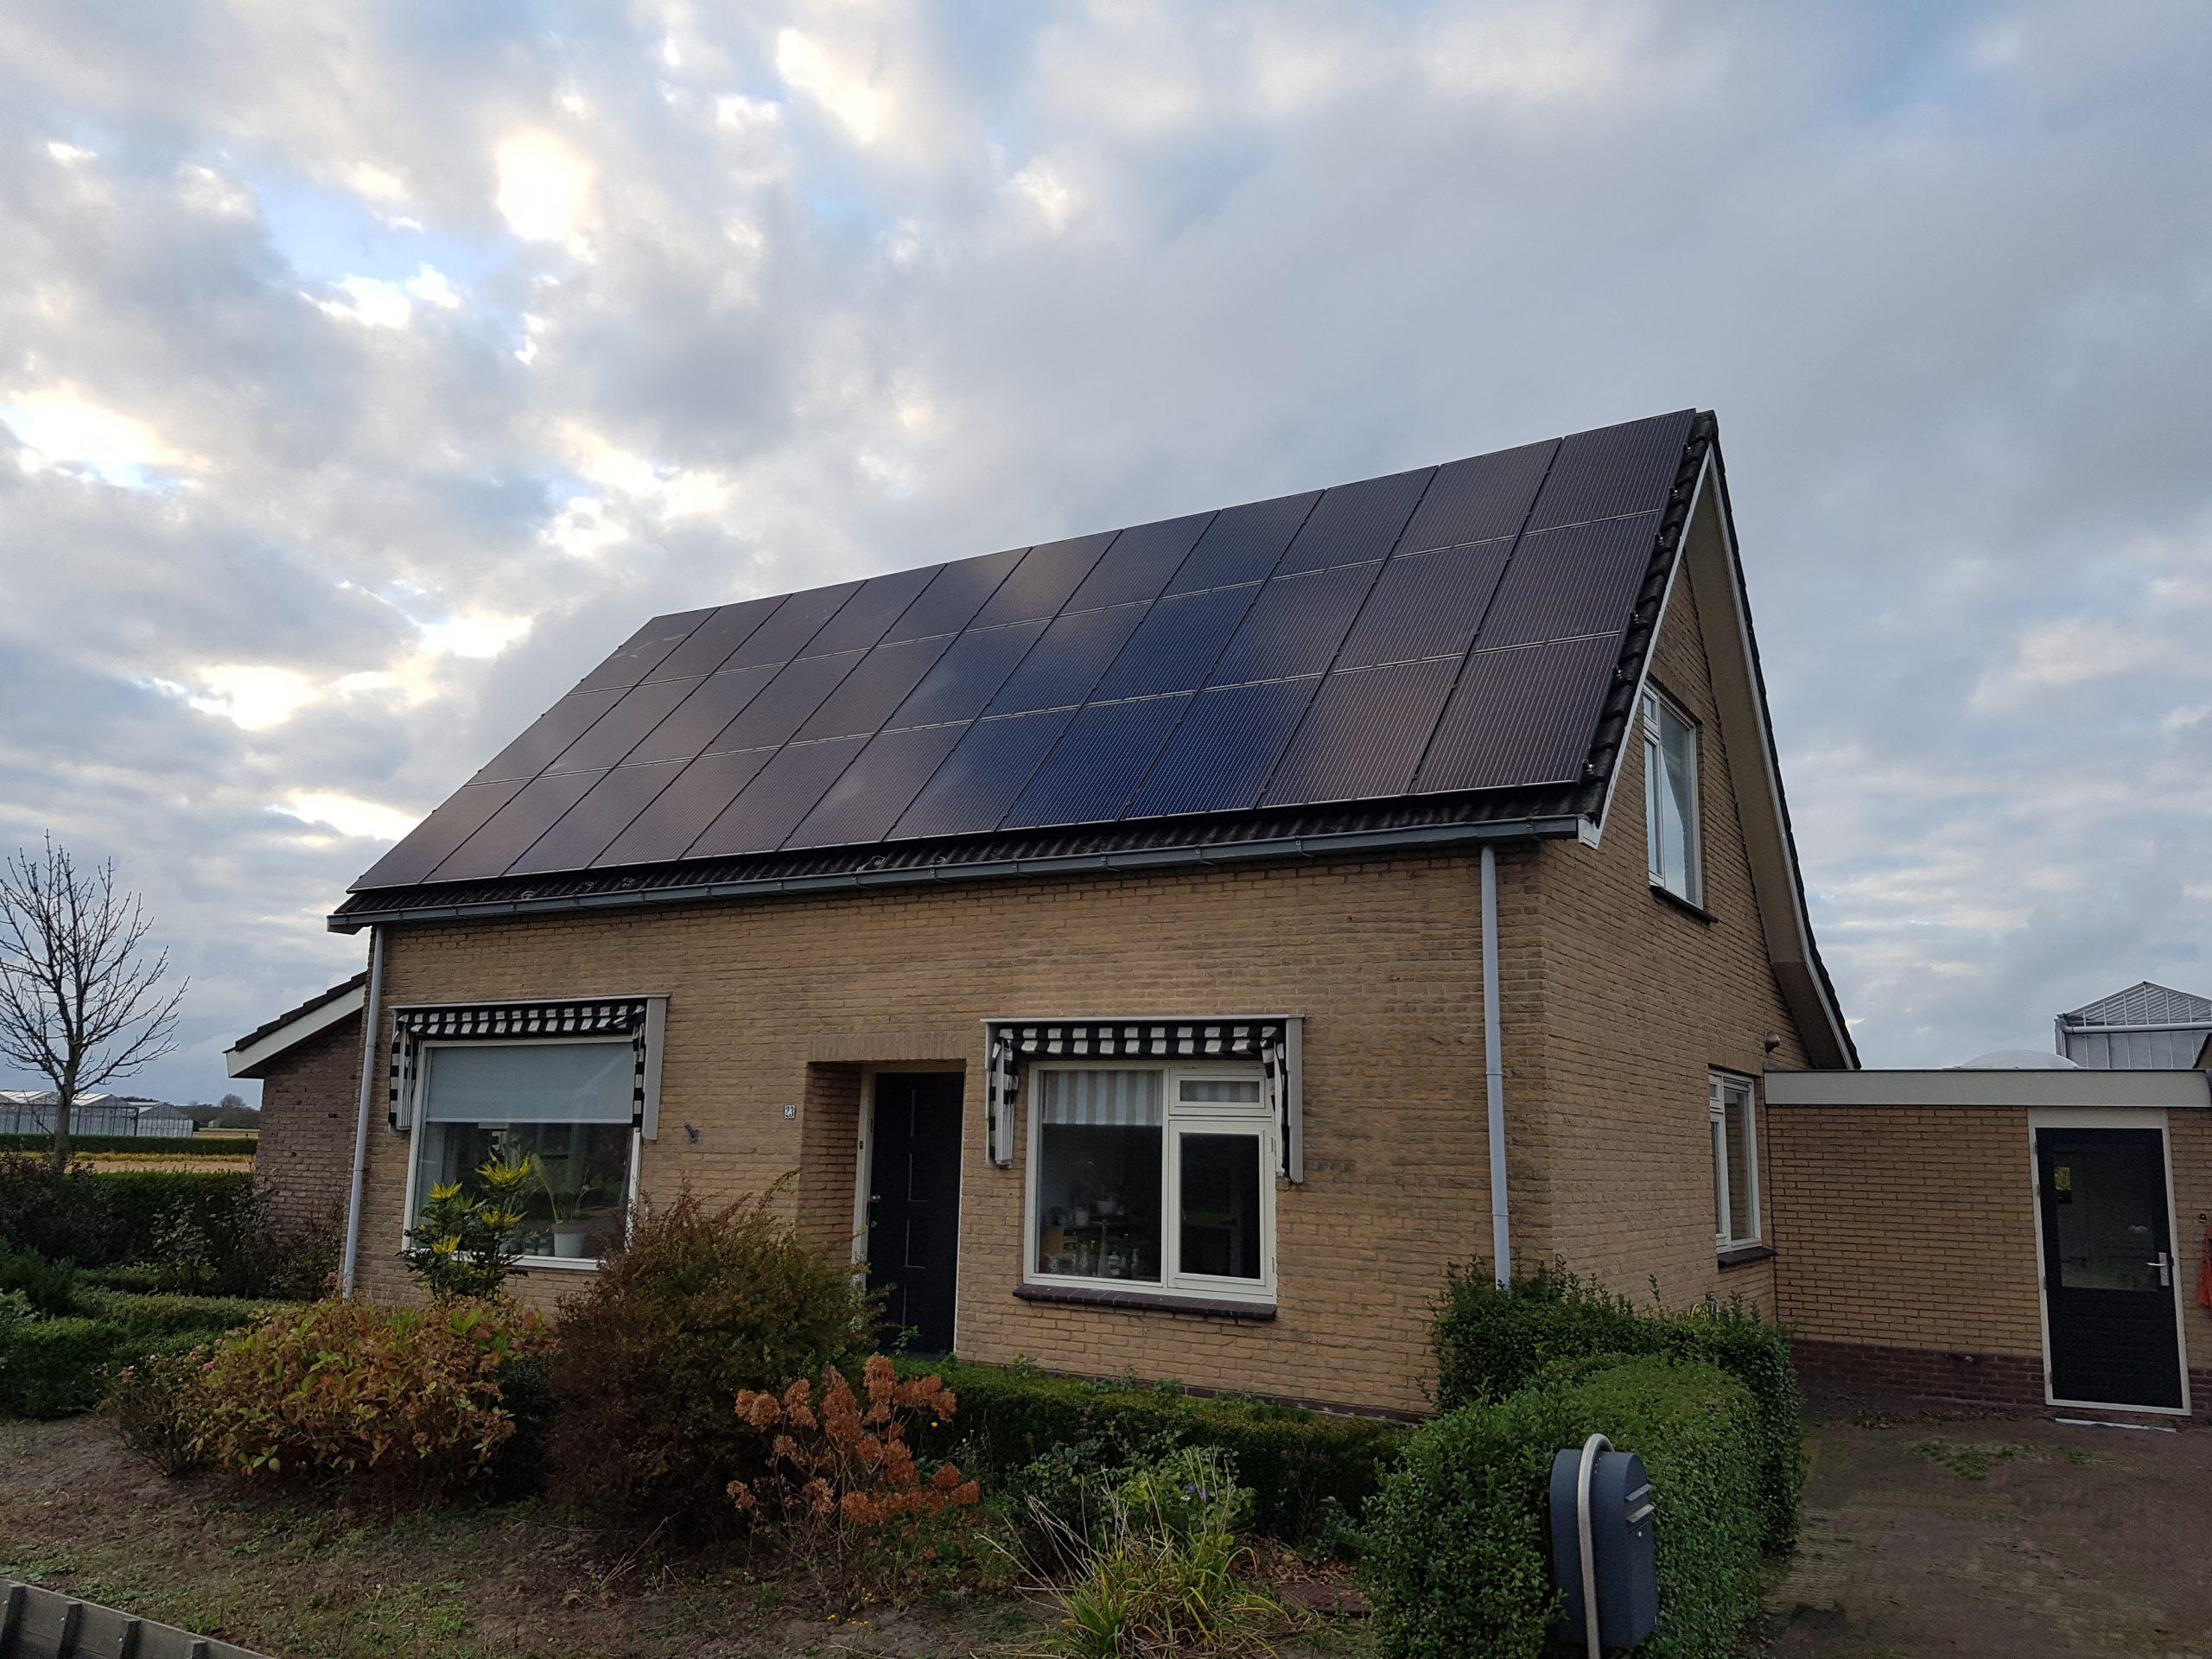 JA Solar zonnepanelen op het dak